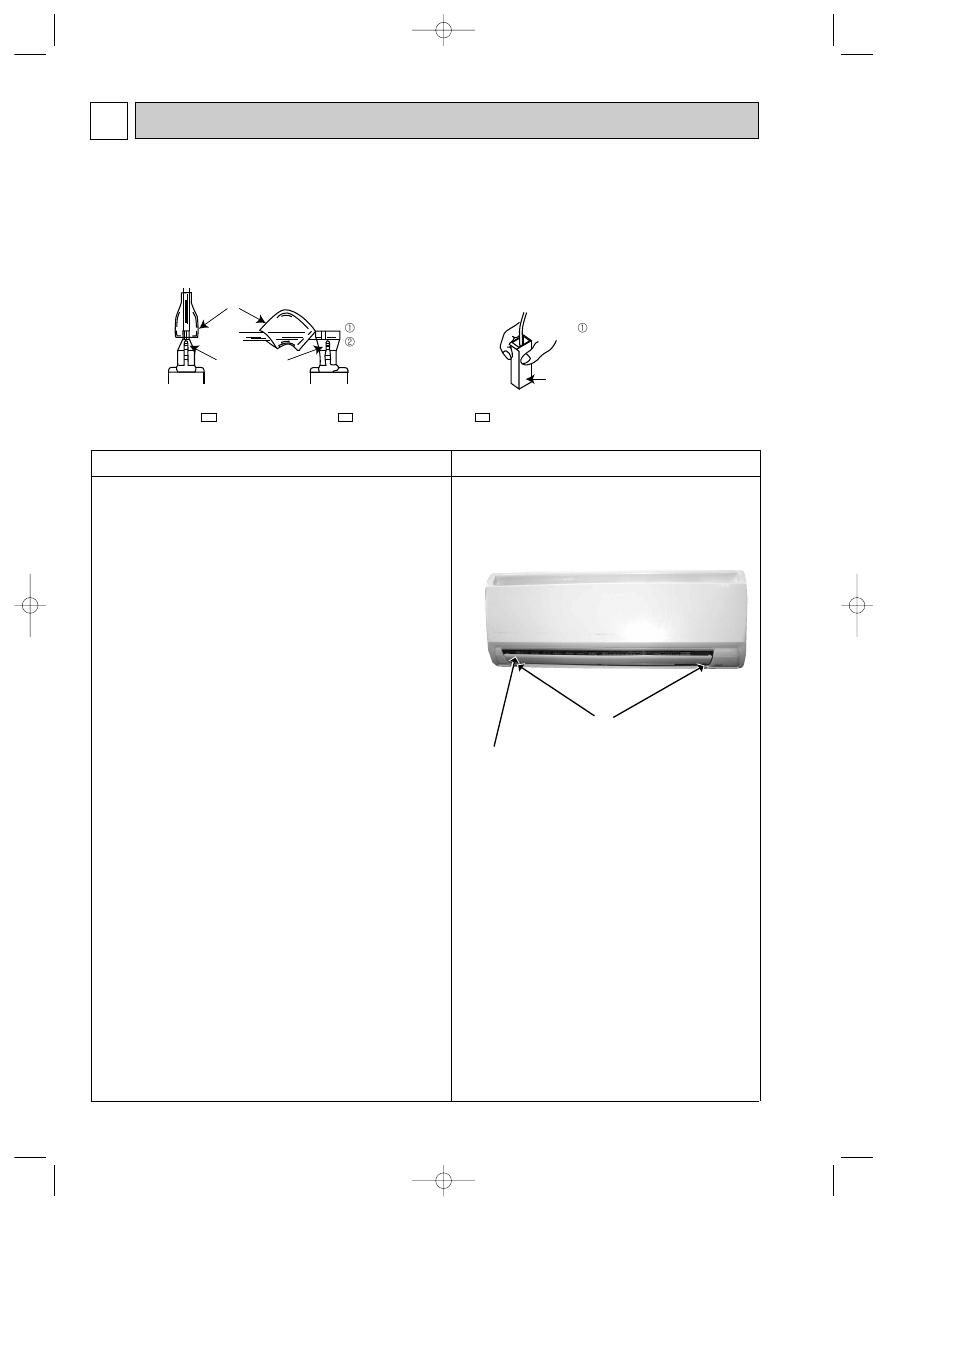 Mitsubishi msz-ga80 va service manual | manualzz. Com.